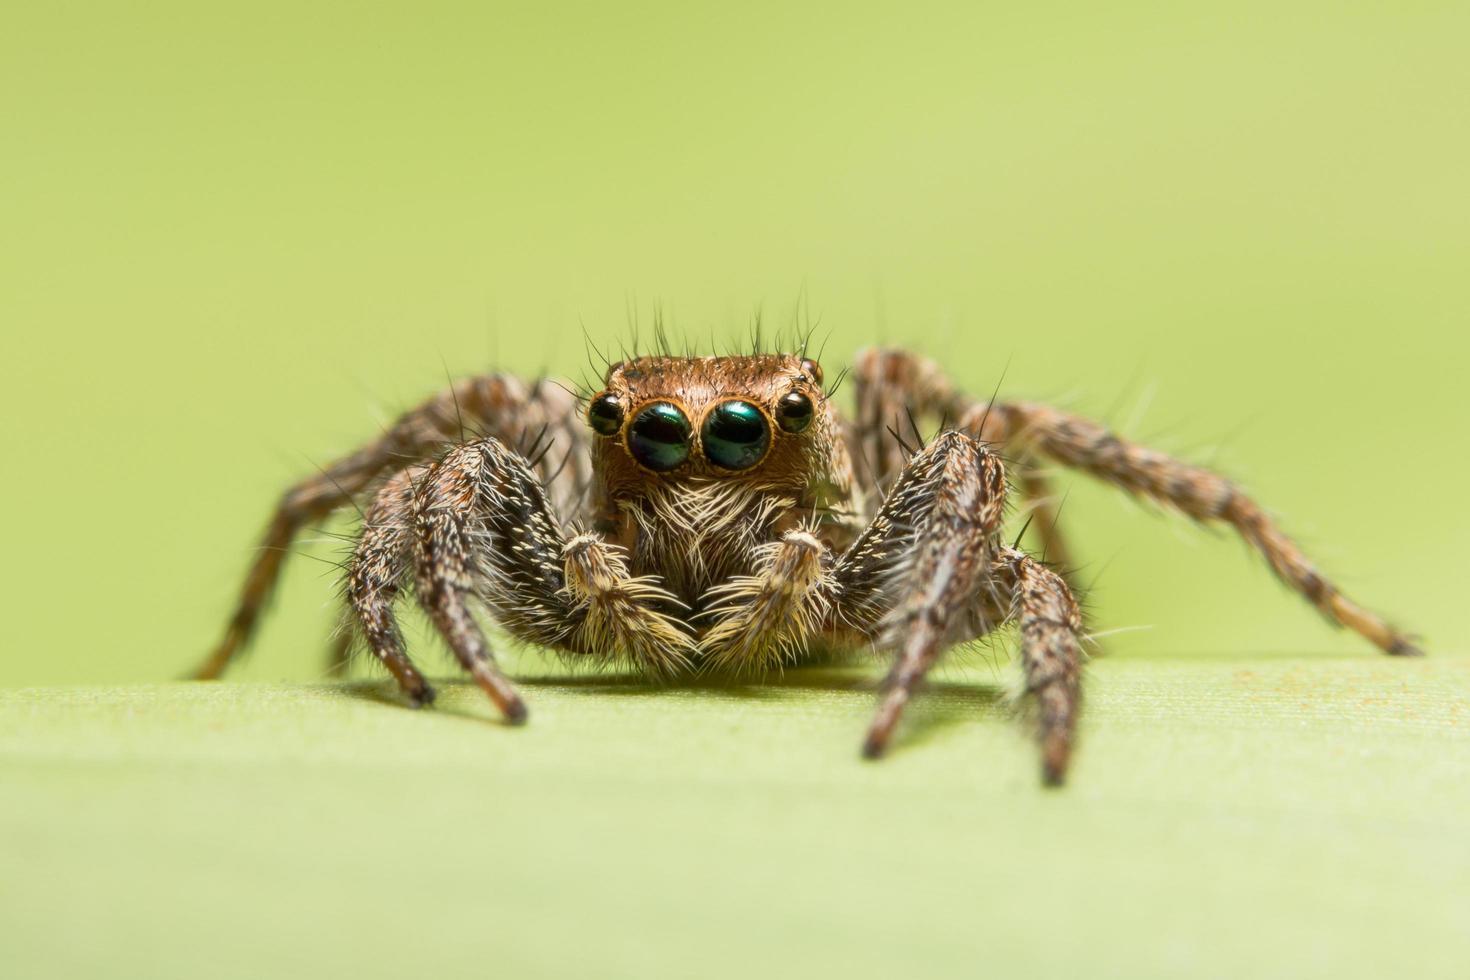 araignée marche sur fond vert photo